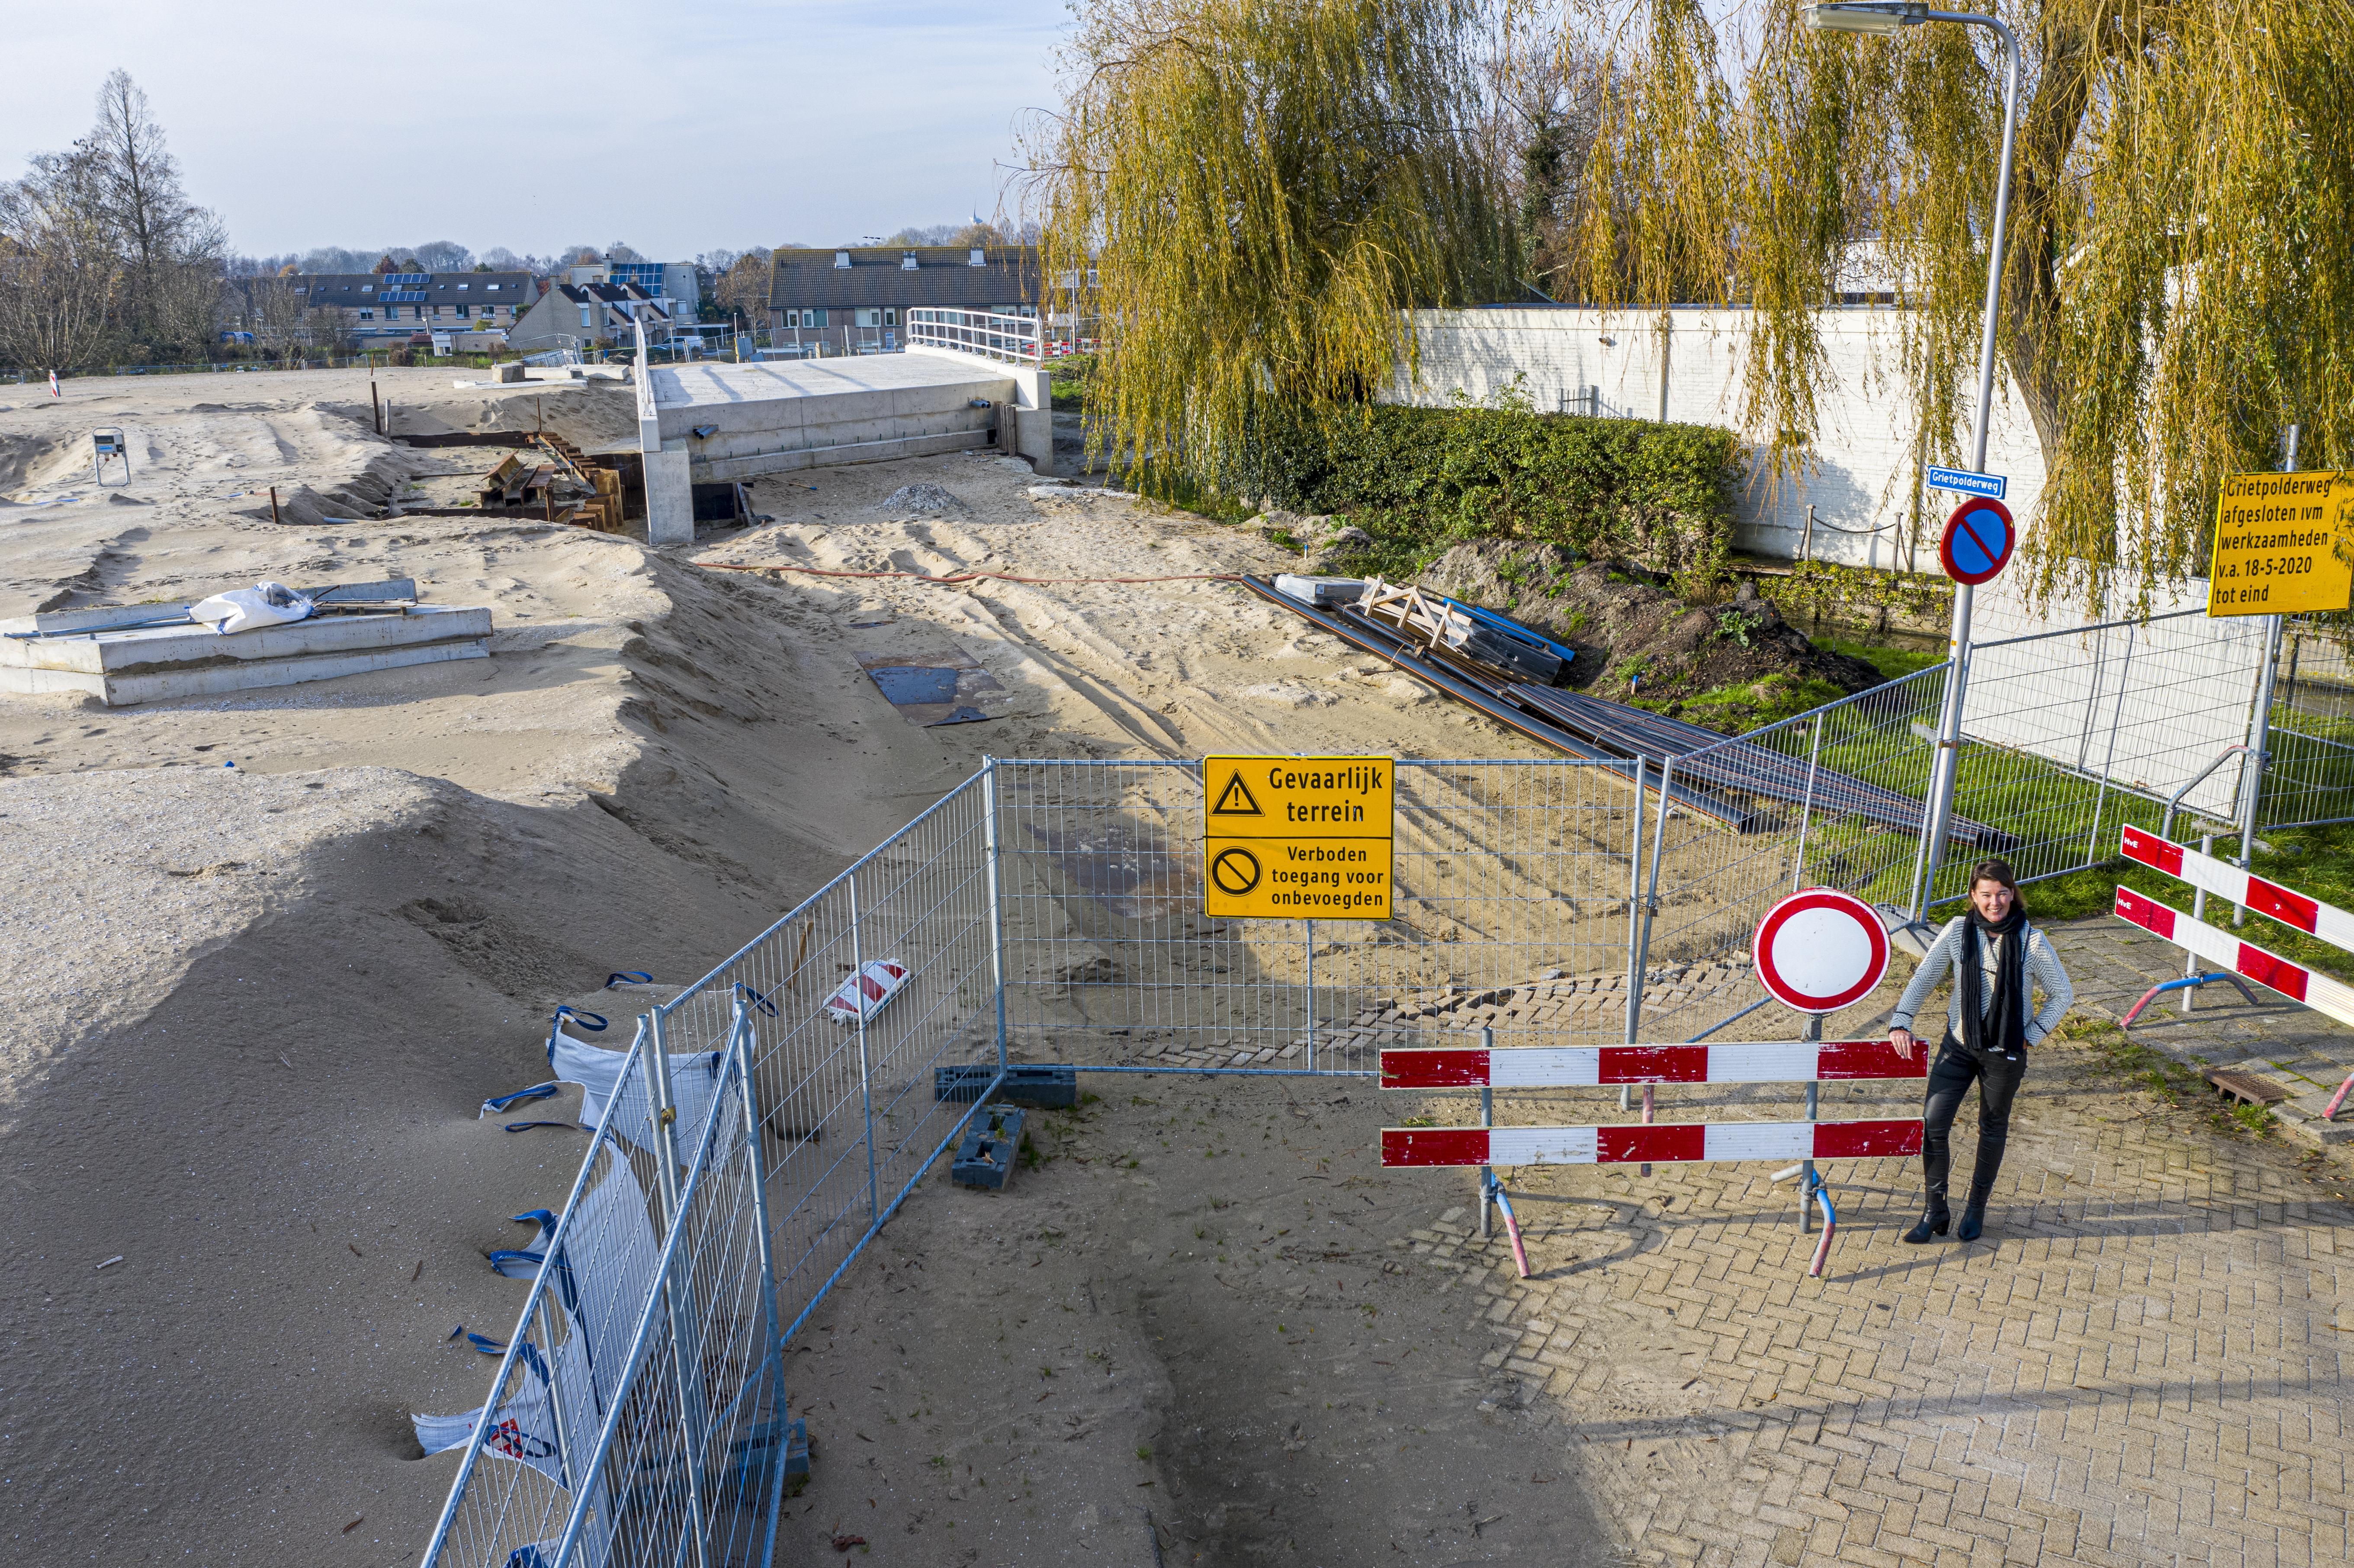 Overzichtelijke klus wordt een langdurige nachtmerrie naast de Dorpshaven in wording in het hart van Leimuiden